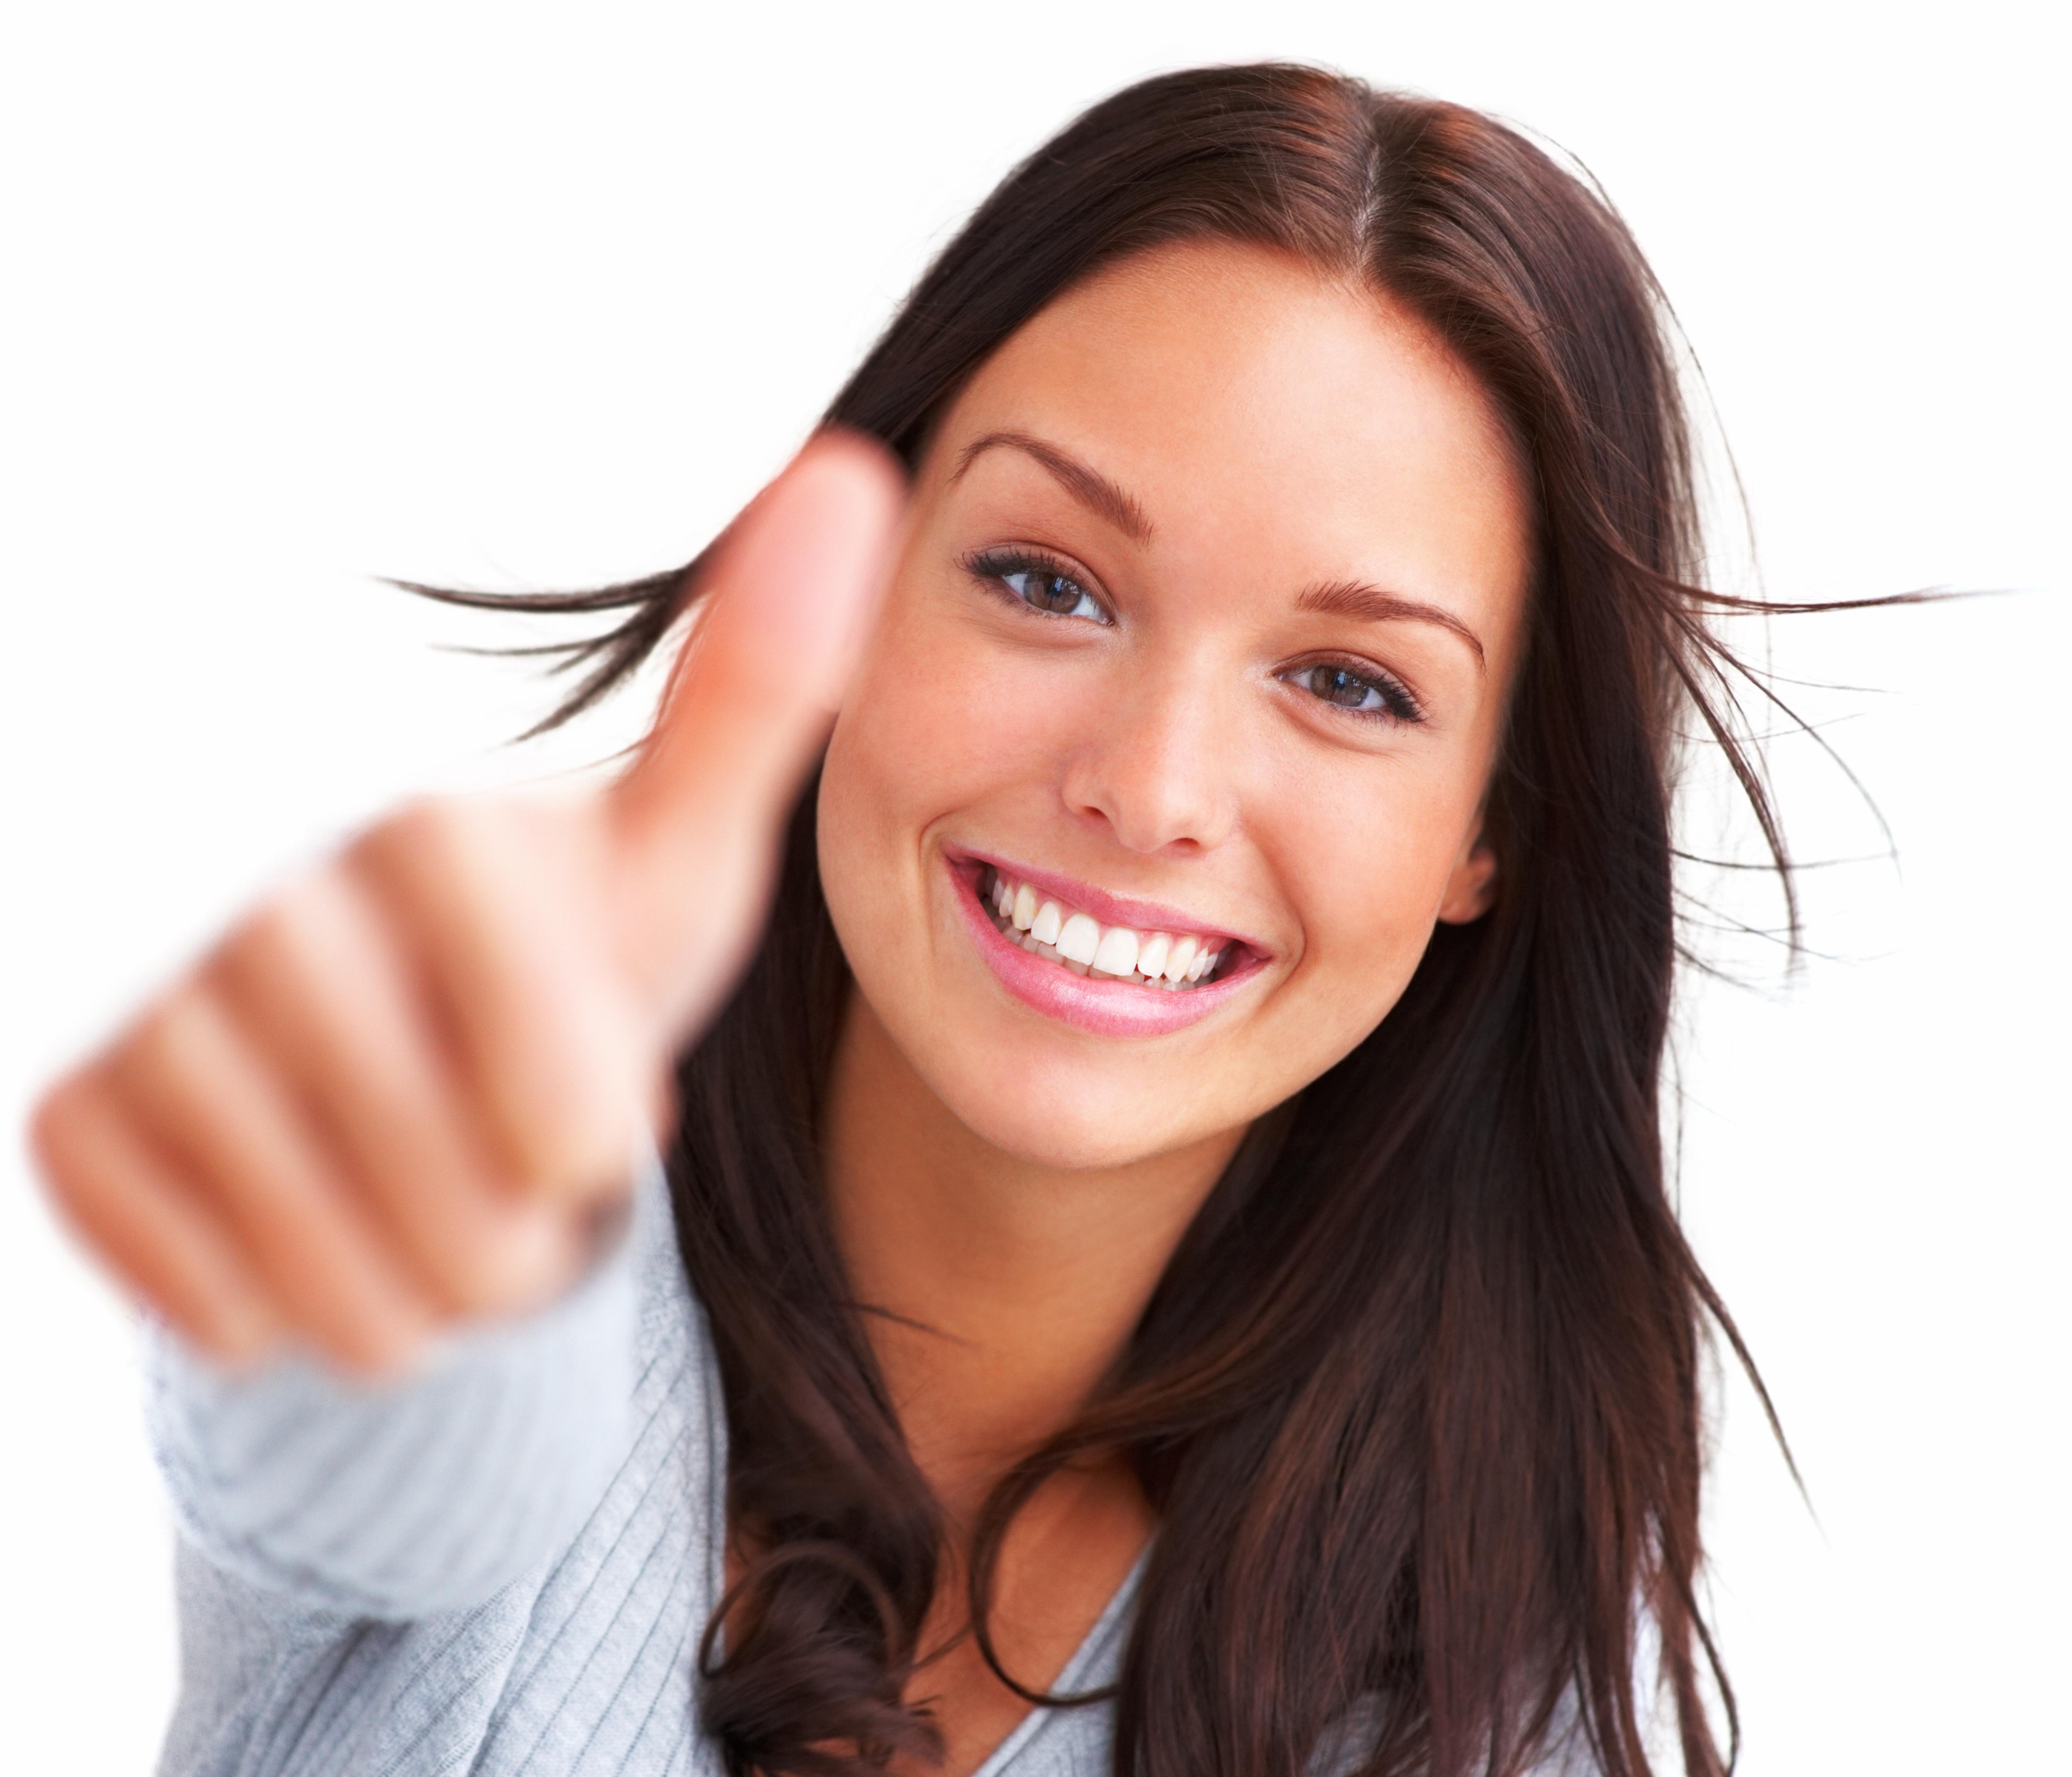 איך להעלות ביטחון עצמי ב-4 צעדים פשוטים